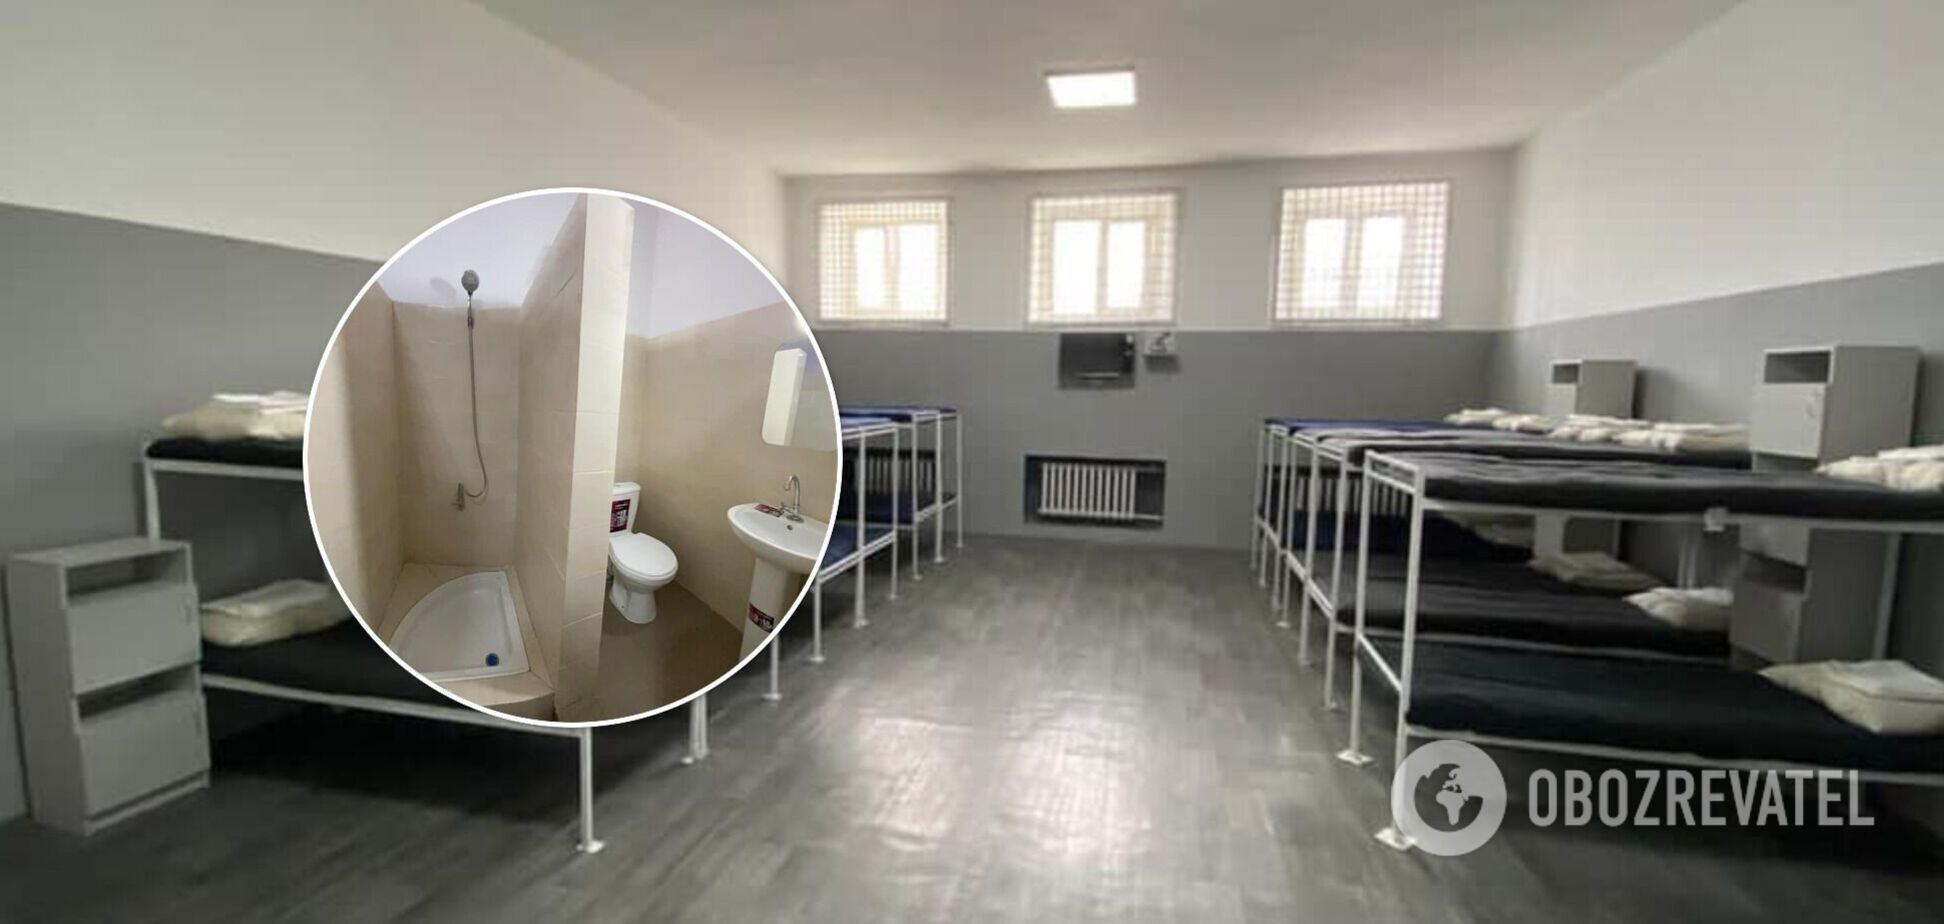 В сети показали, как выглядит бесплатная камера Лукьяновского СИЗО после ремонта